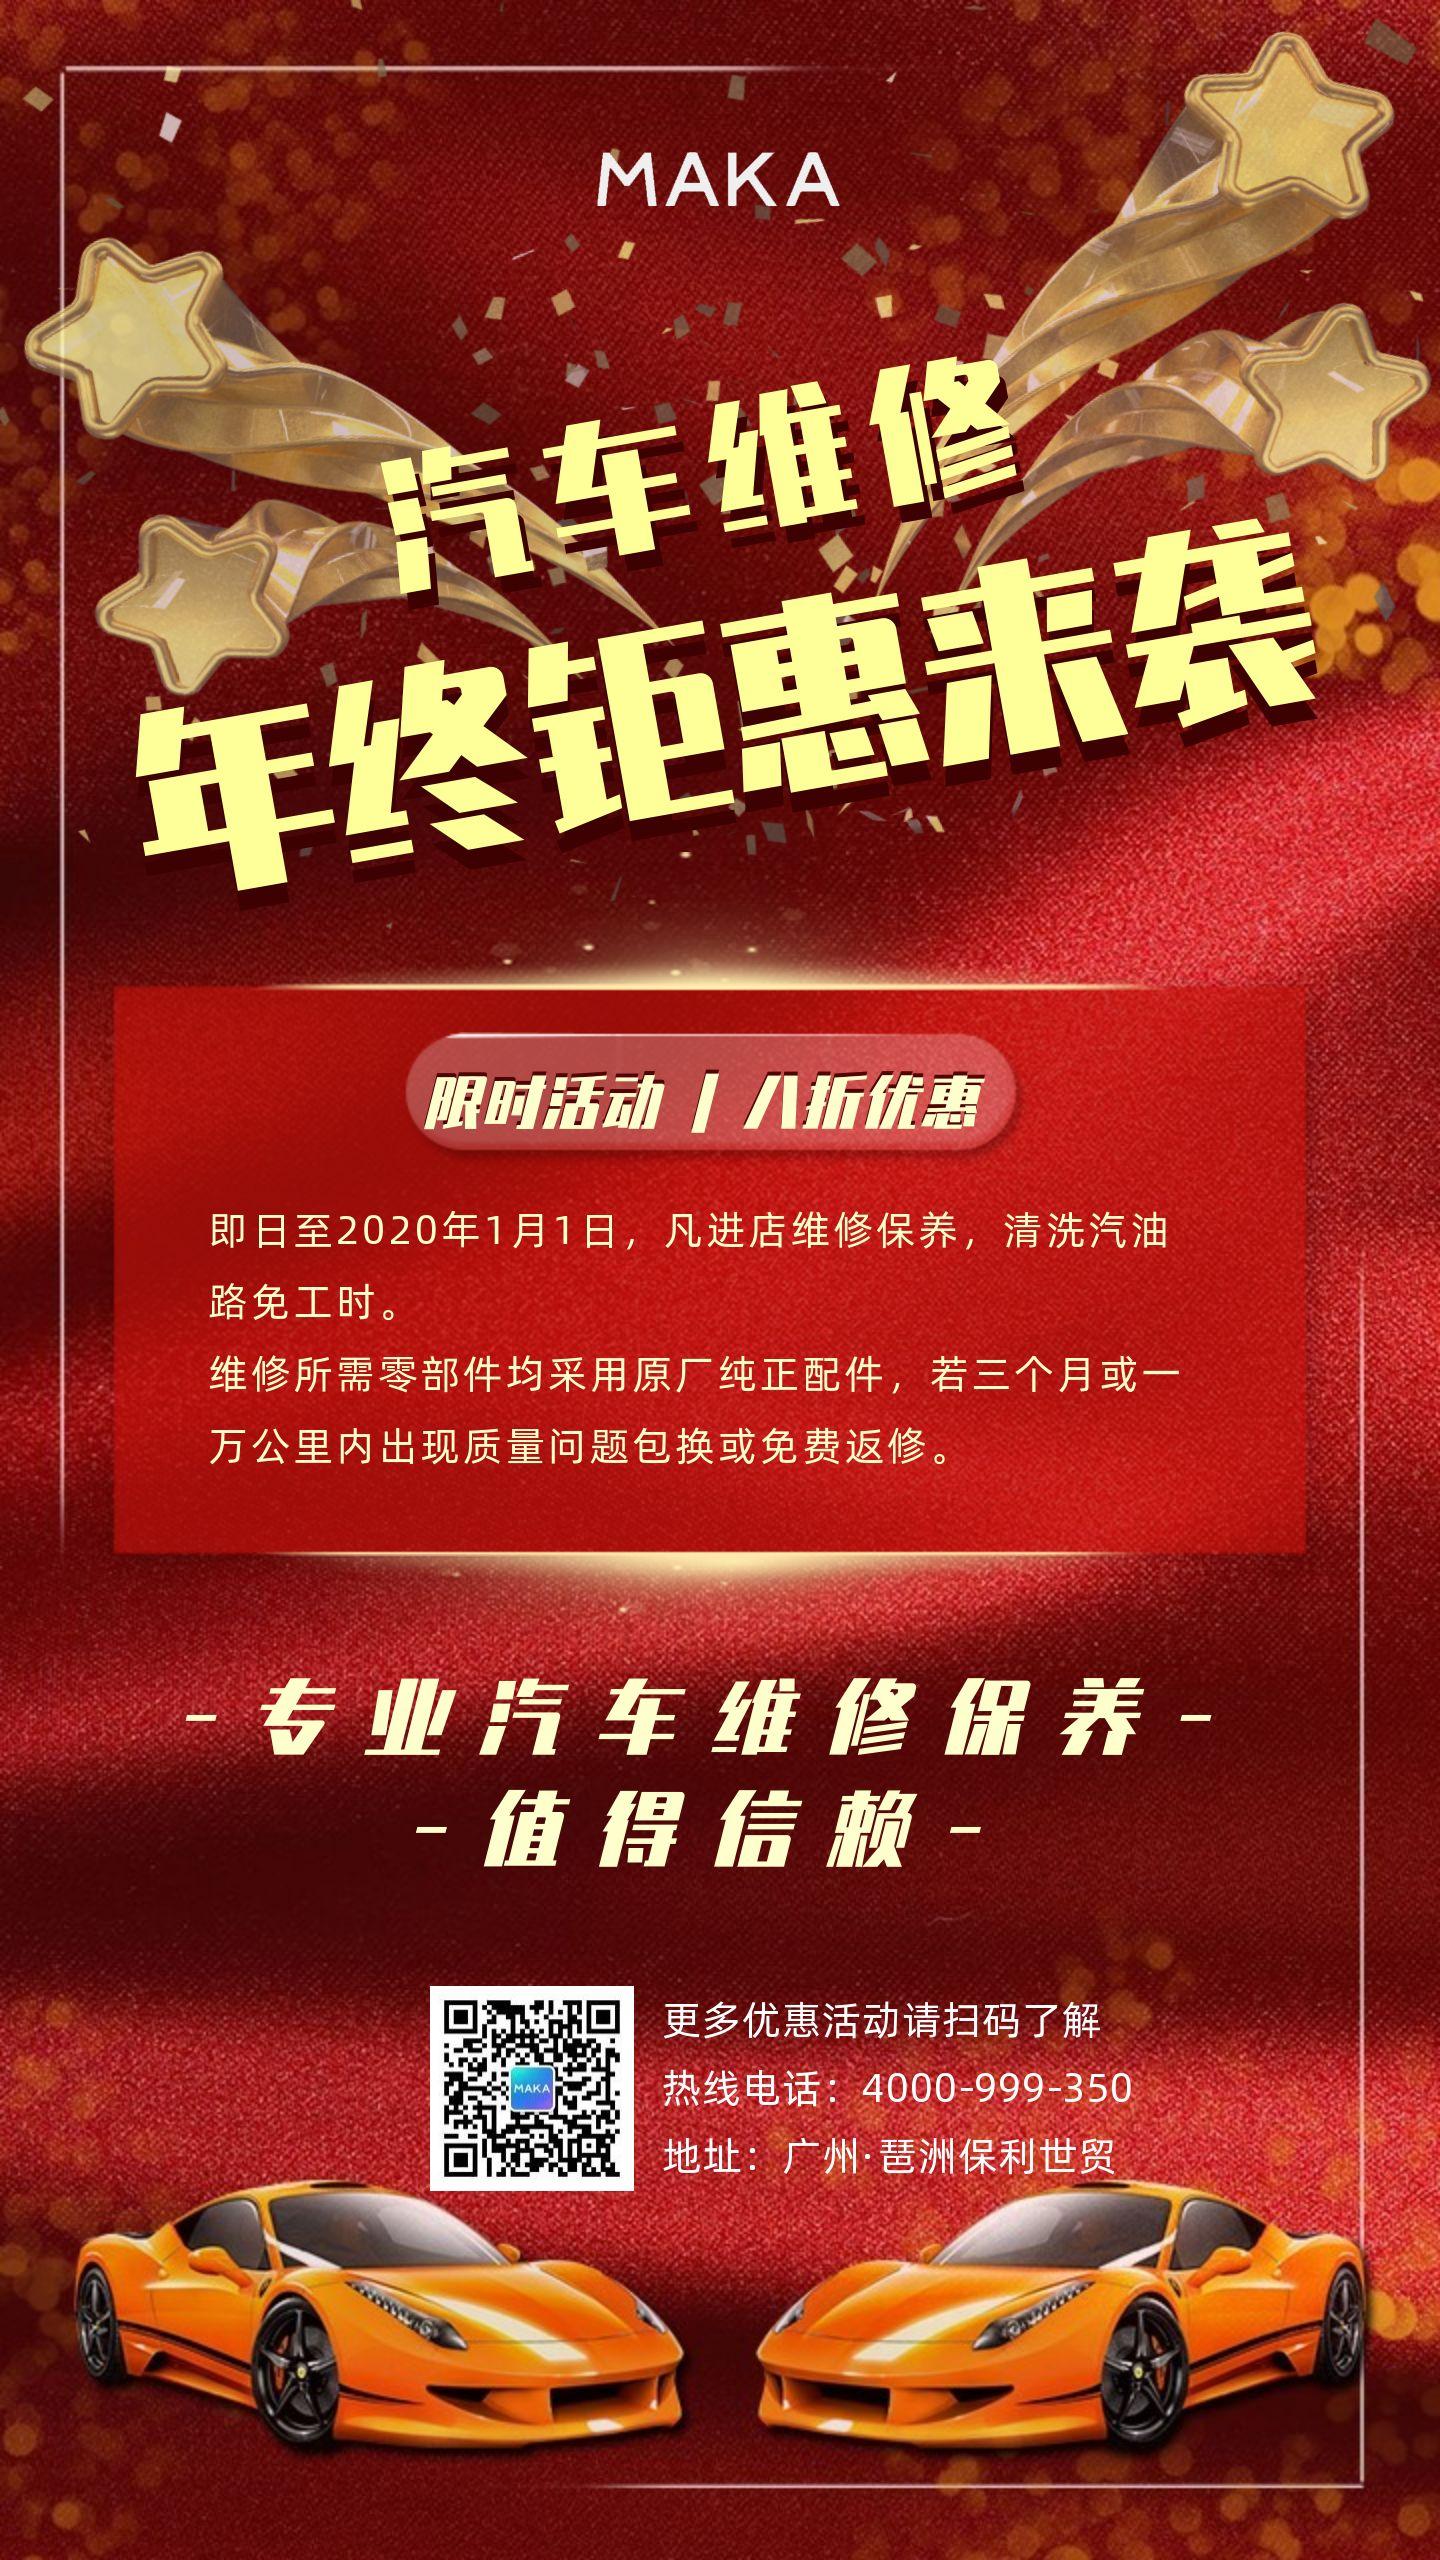 红色喜庆汽车维修年终钜惠来袭活动宣传海报